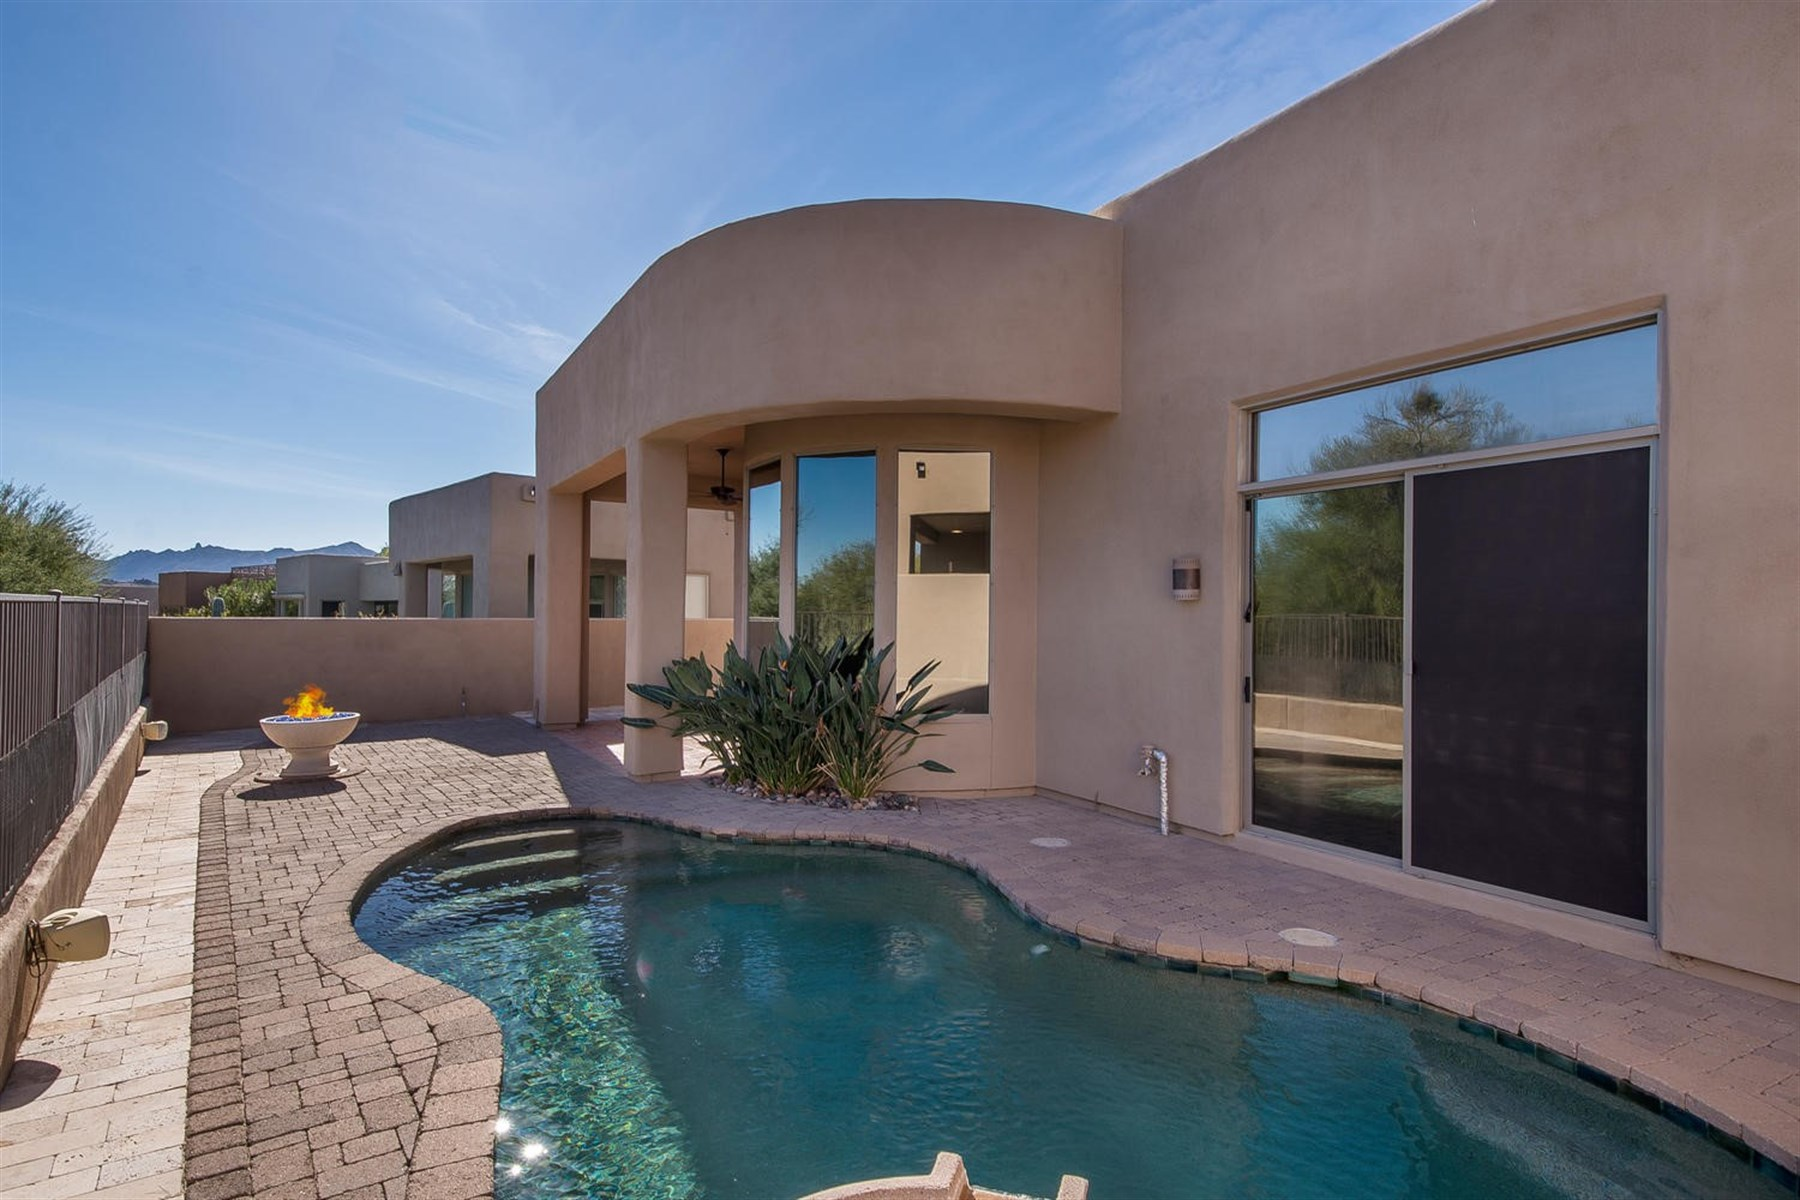 一戸建て のために 売買 アット Gated Pinnacle Canyon Las Ventanas Troon North 27969 N 108th Way Scottsdale, アリゾナ, 85262 アメリカ合衆国